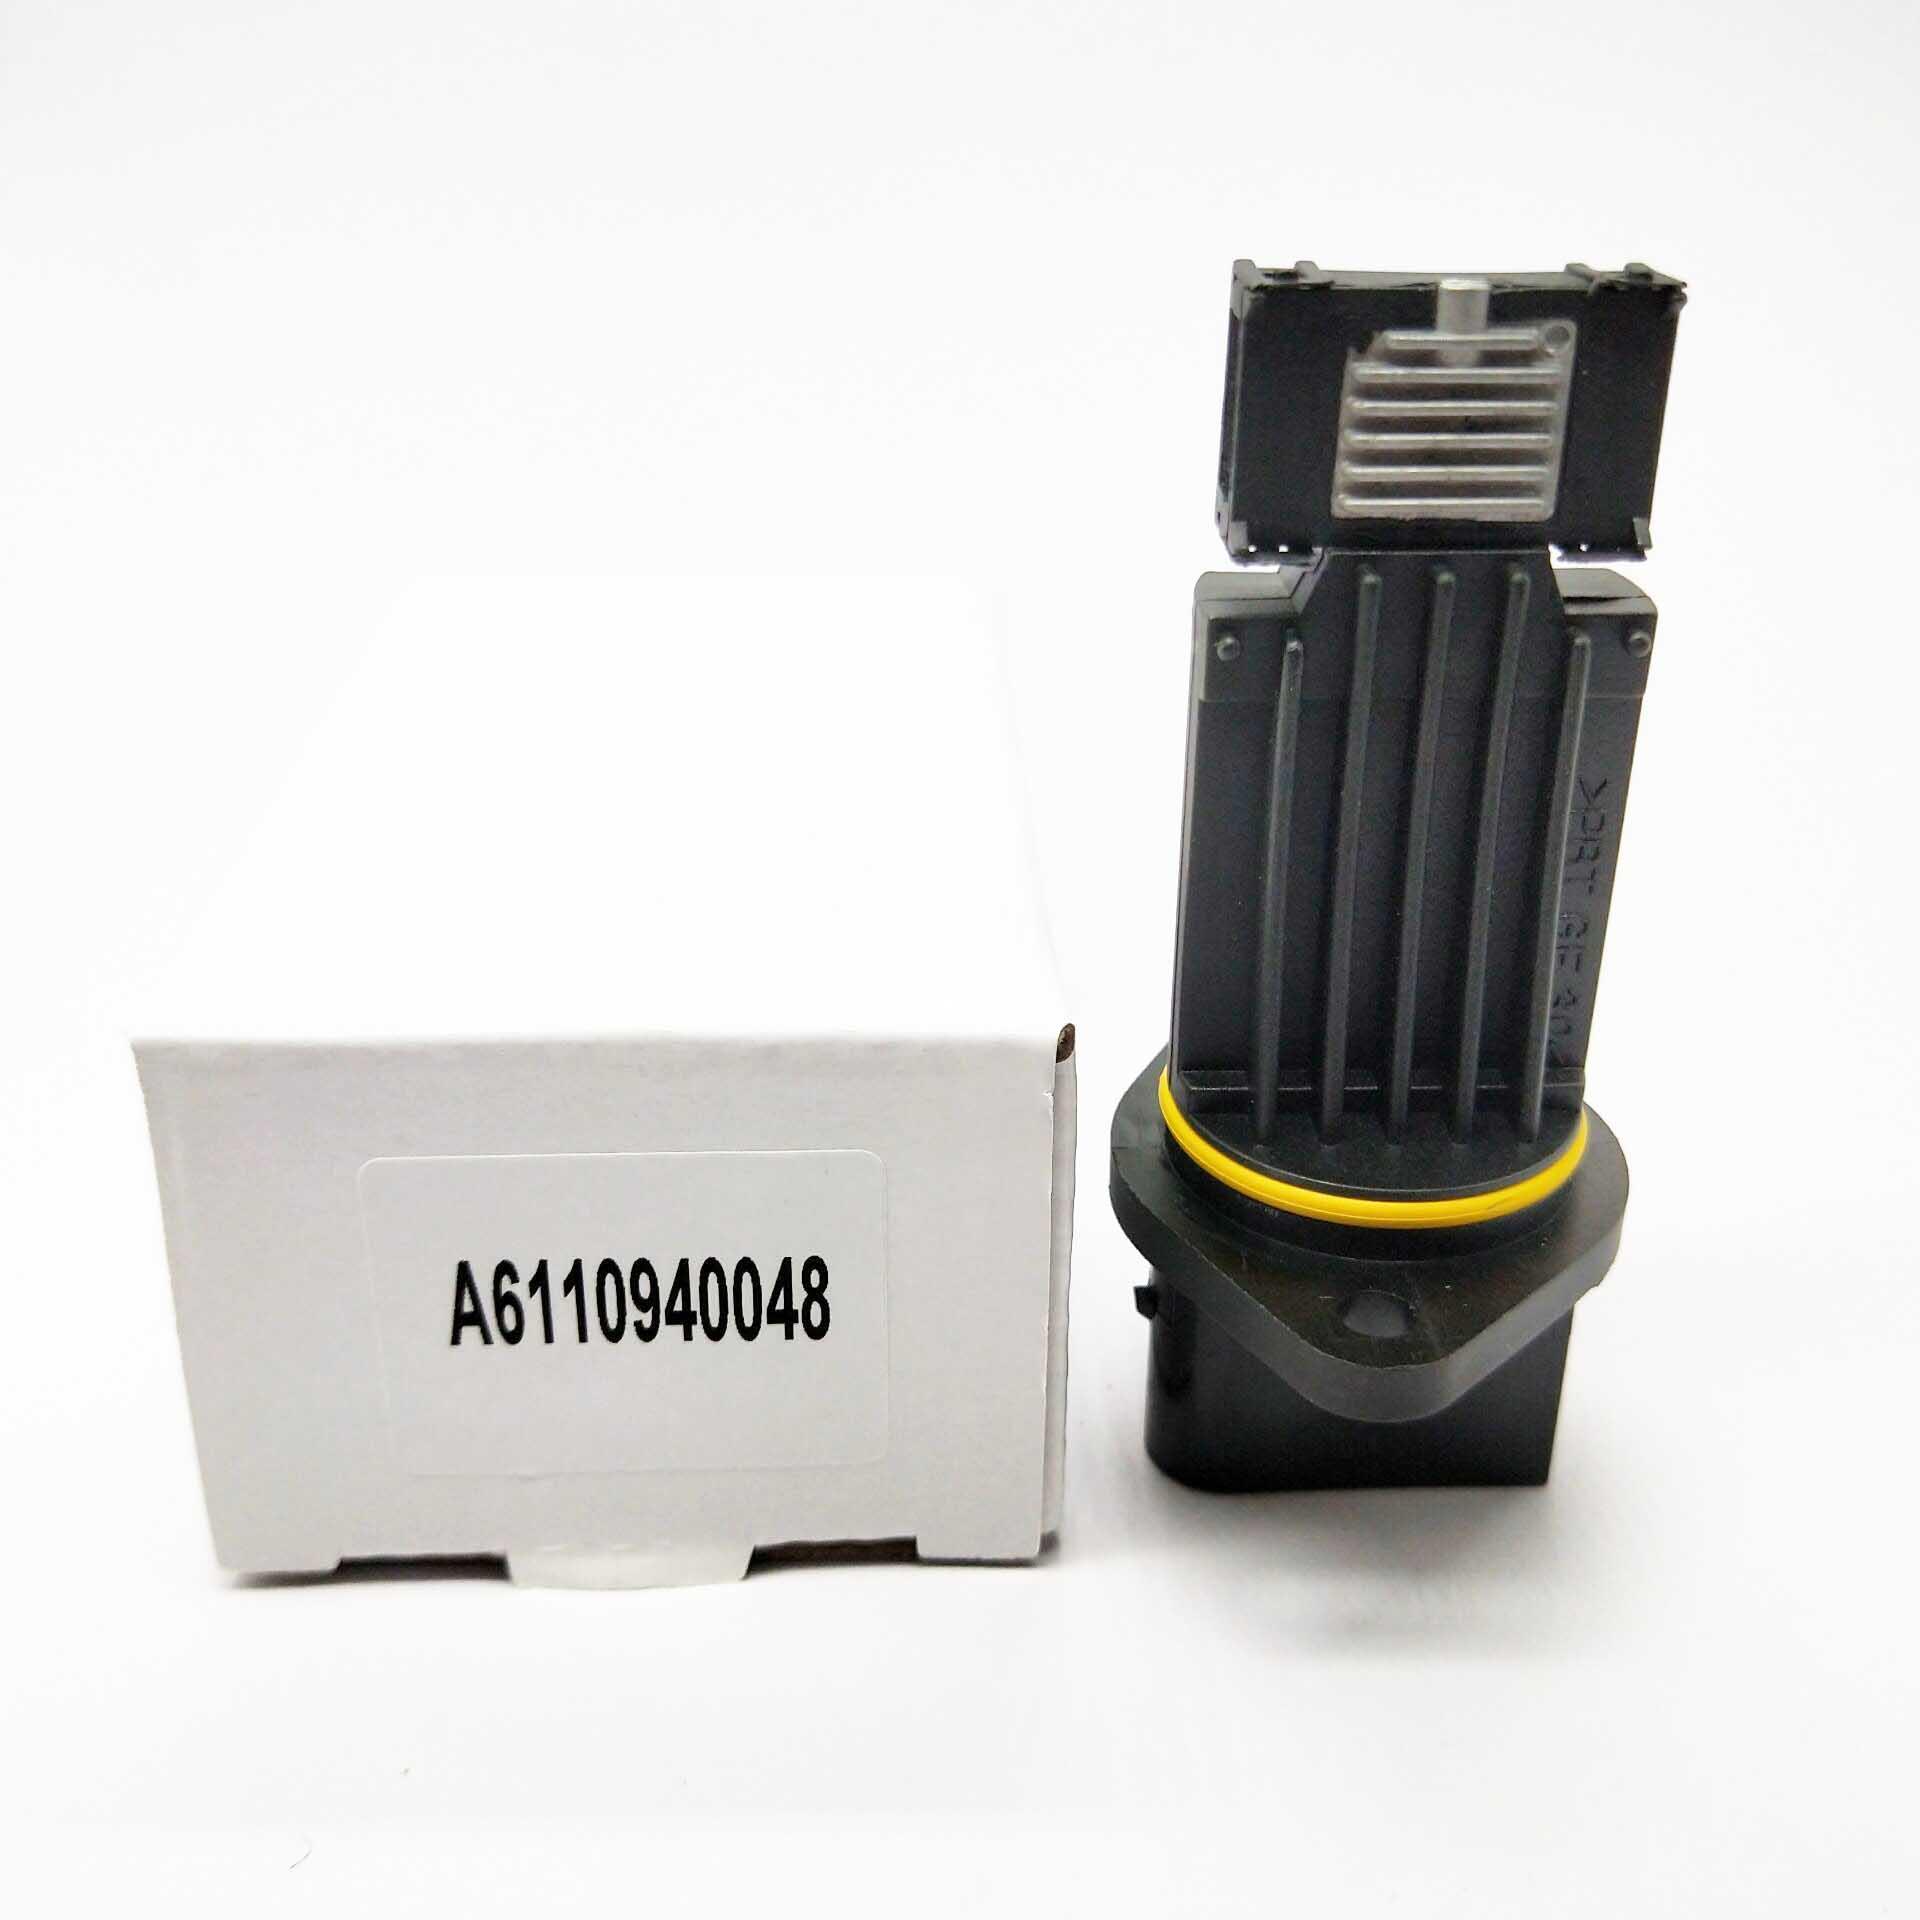 Mass Air Flow Meter MAF Sensor For Mercedes Benz E CLASS E200 E220 E270 E320 CDI W210 S210 S203 A6110940048 72268400 6110940048|Air Flow Meter| |  - title=